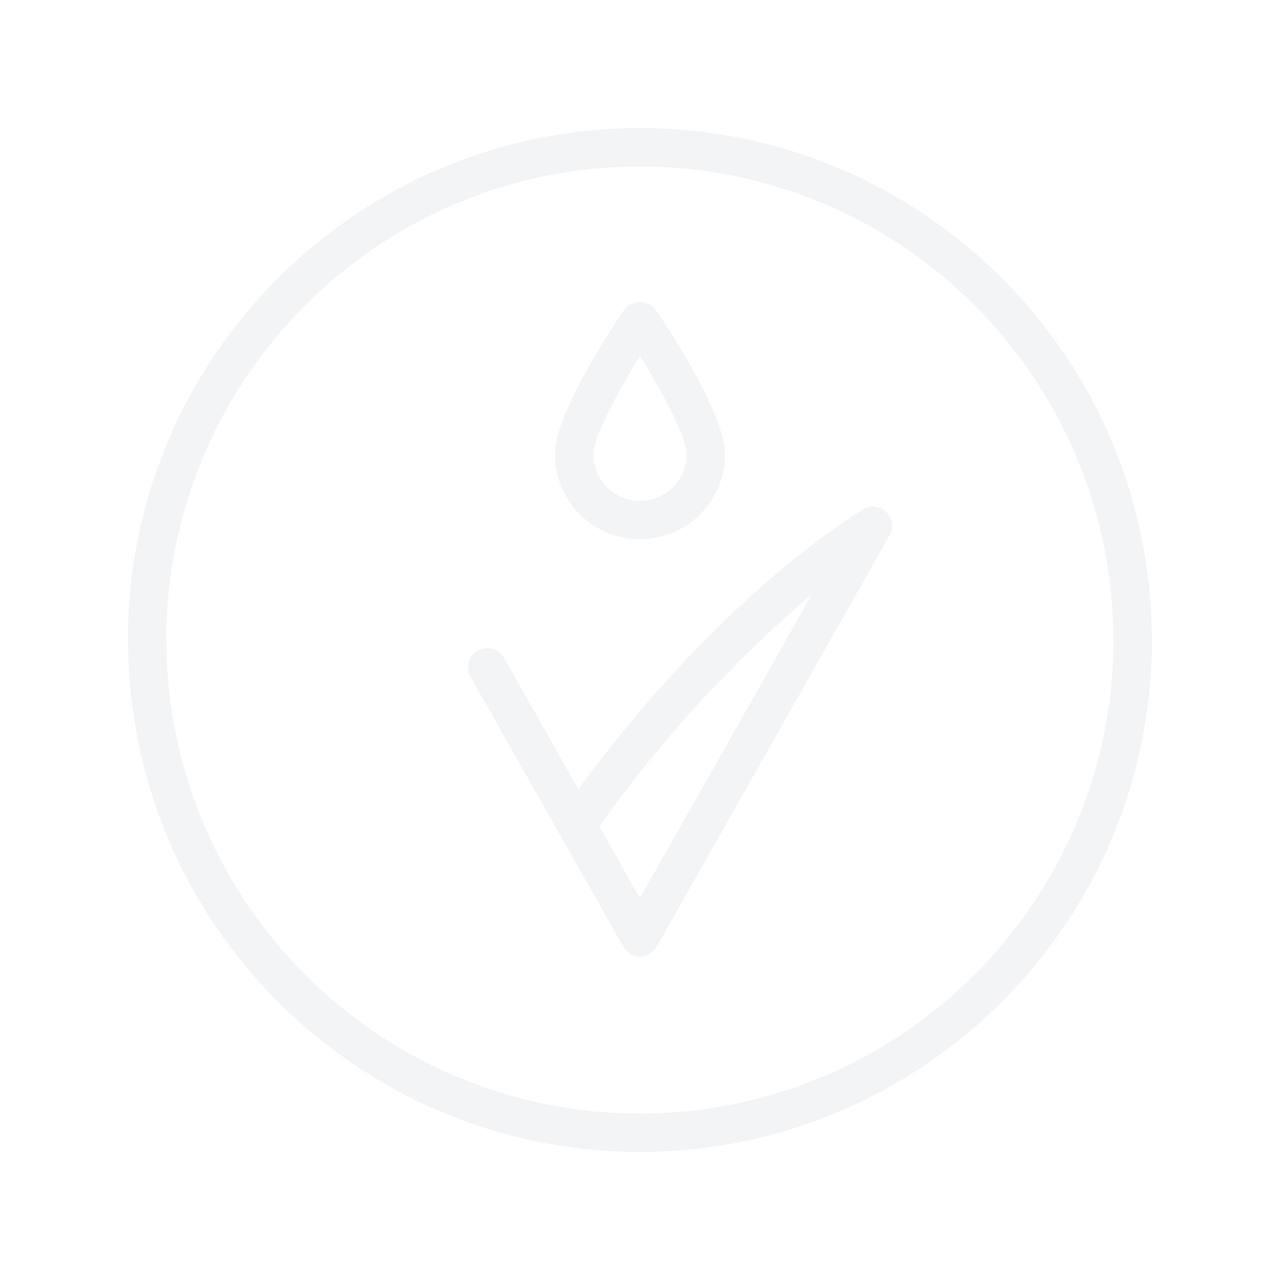 GLAMGLOW Thirstymud Hydrating Treatment увлажняющая маска для лица